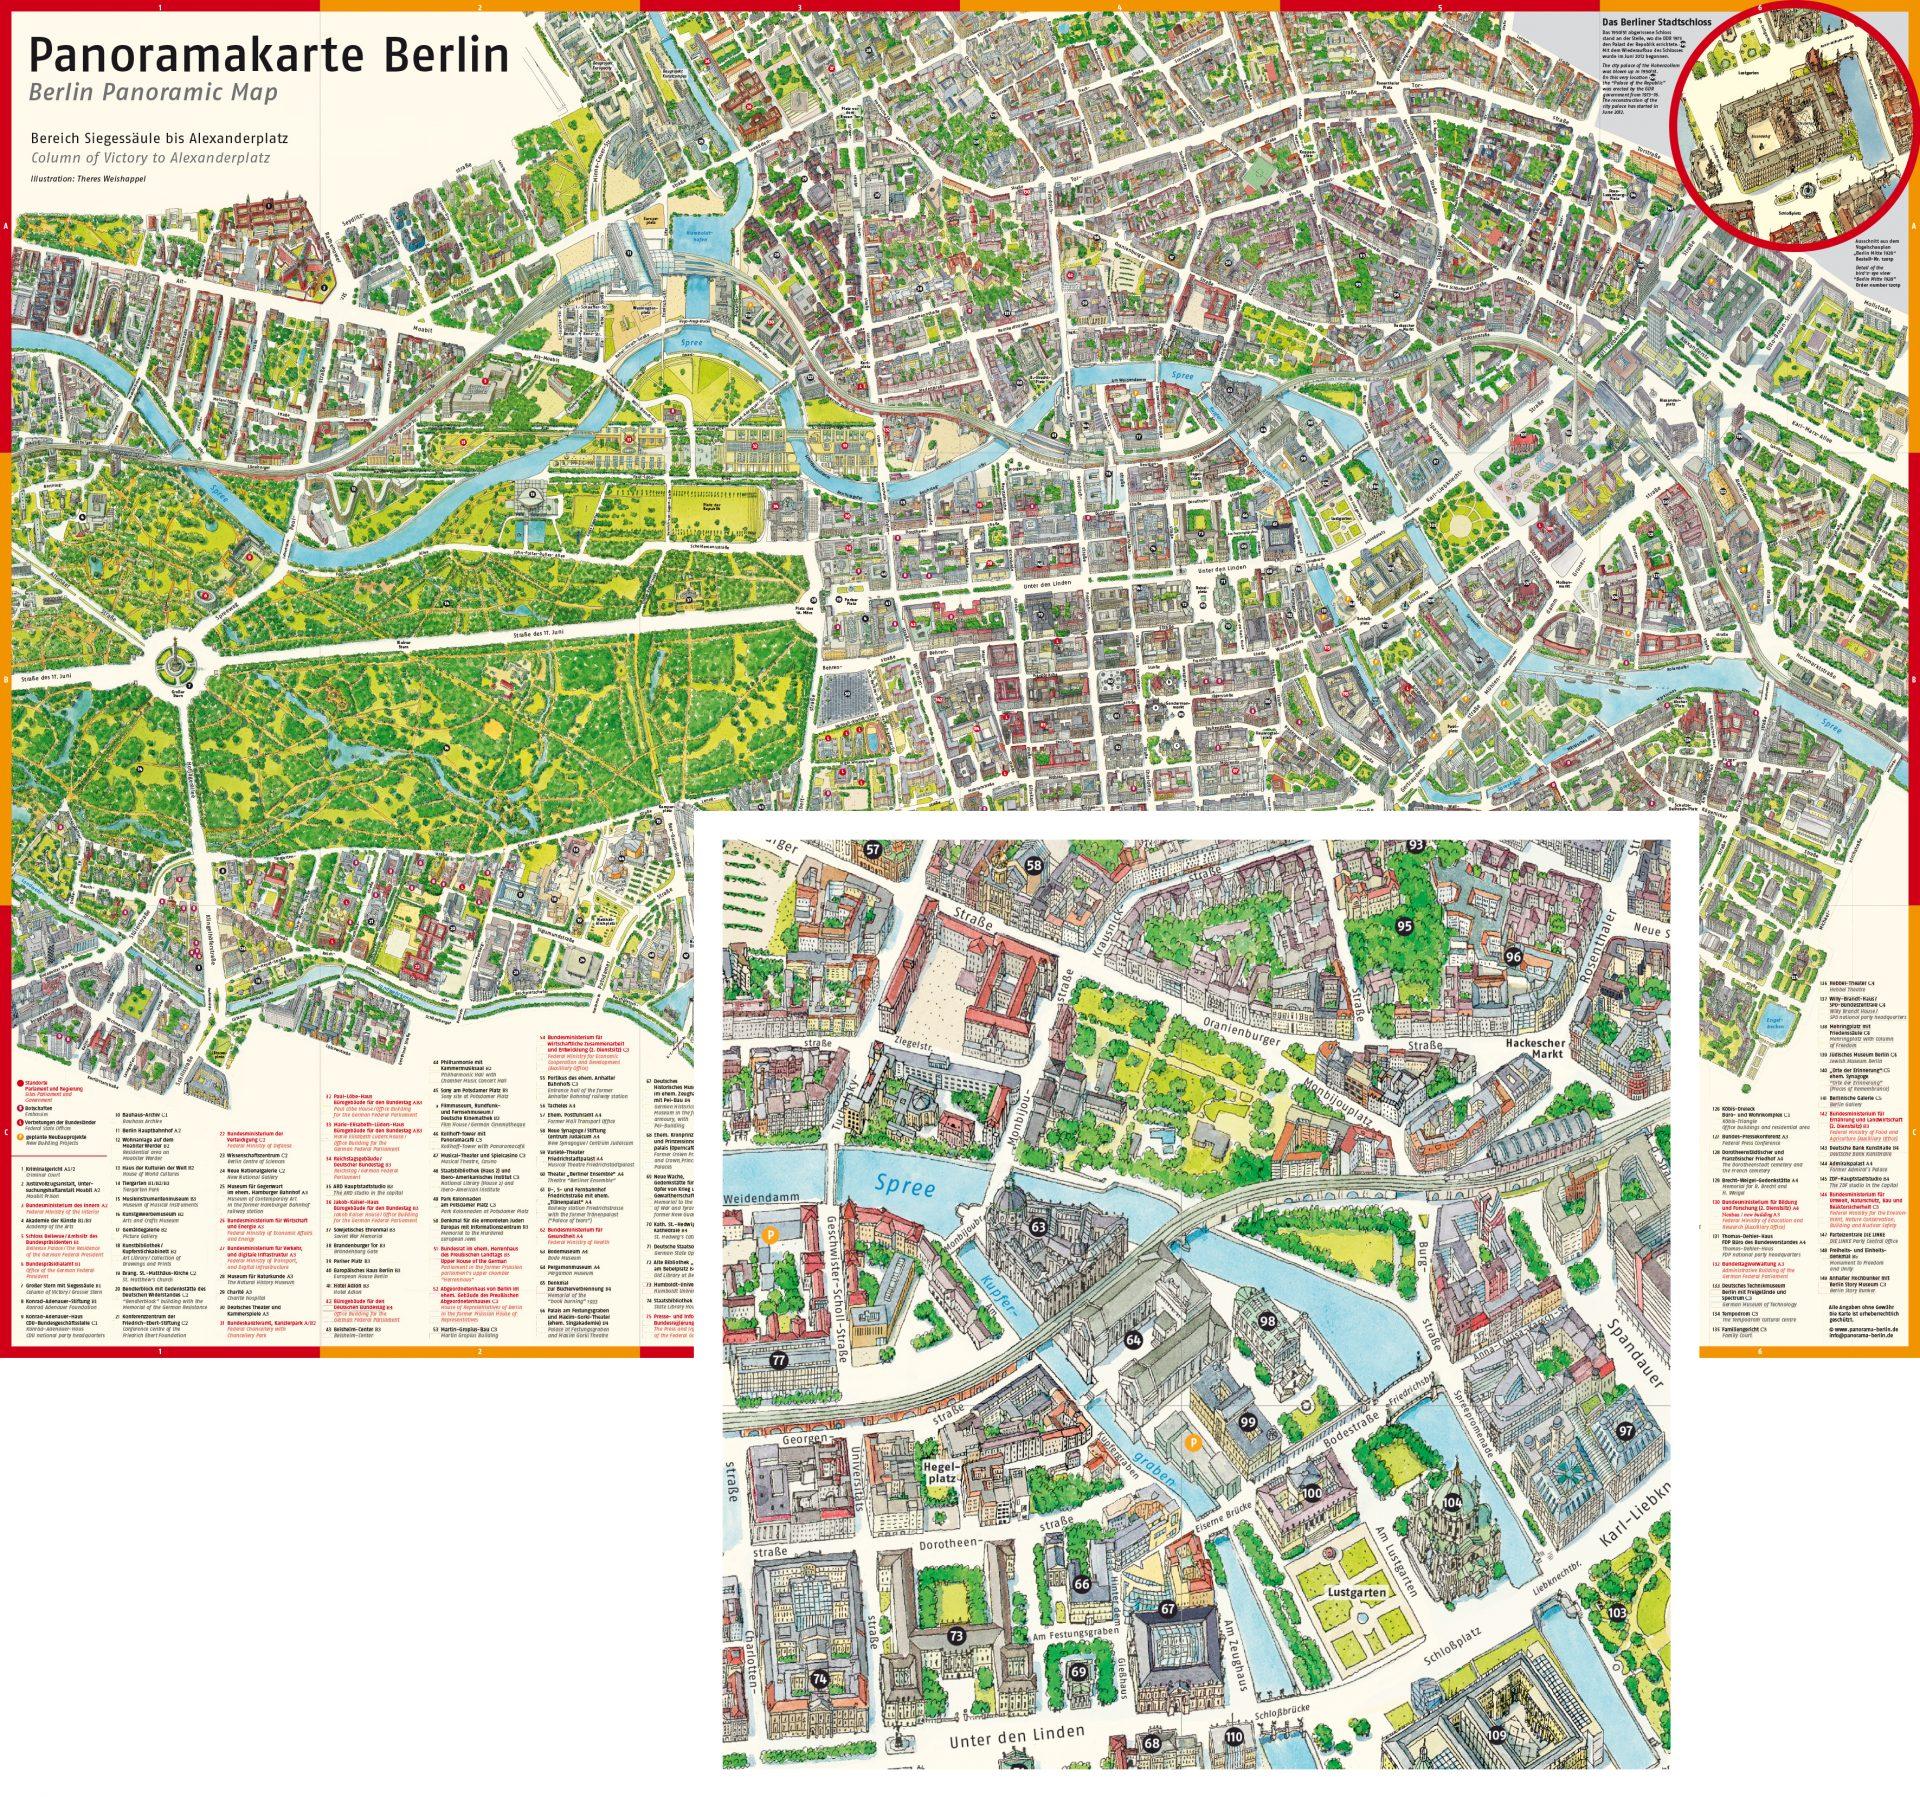 komplett illustierter Stadtplan von Berlin mit 3D-Gebäuden - Typoly